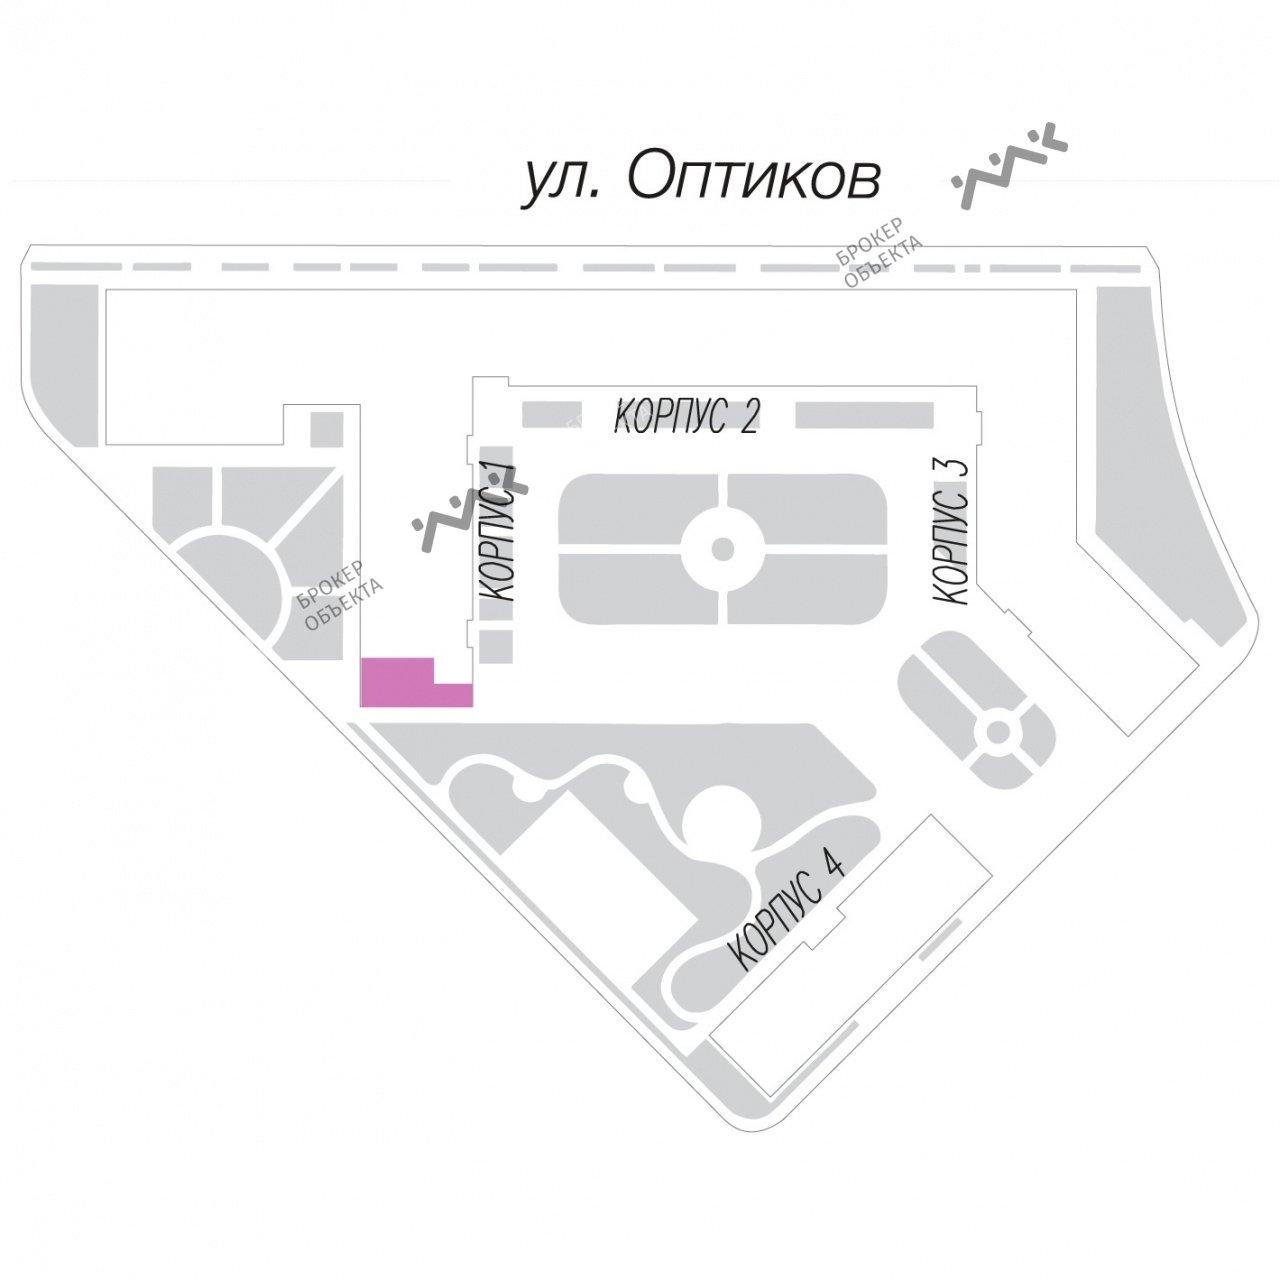 Планировка Оптиков ул., д.34. Лот № 13666640